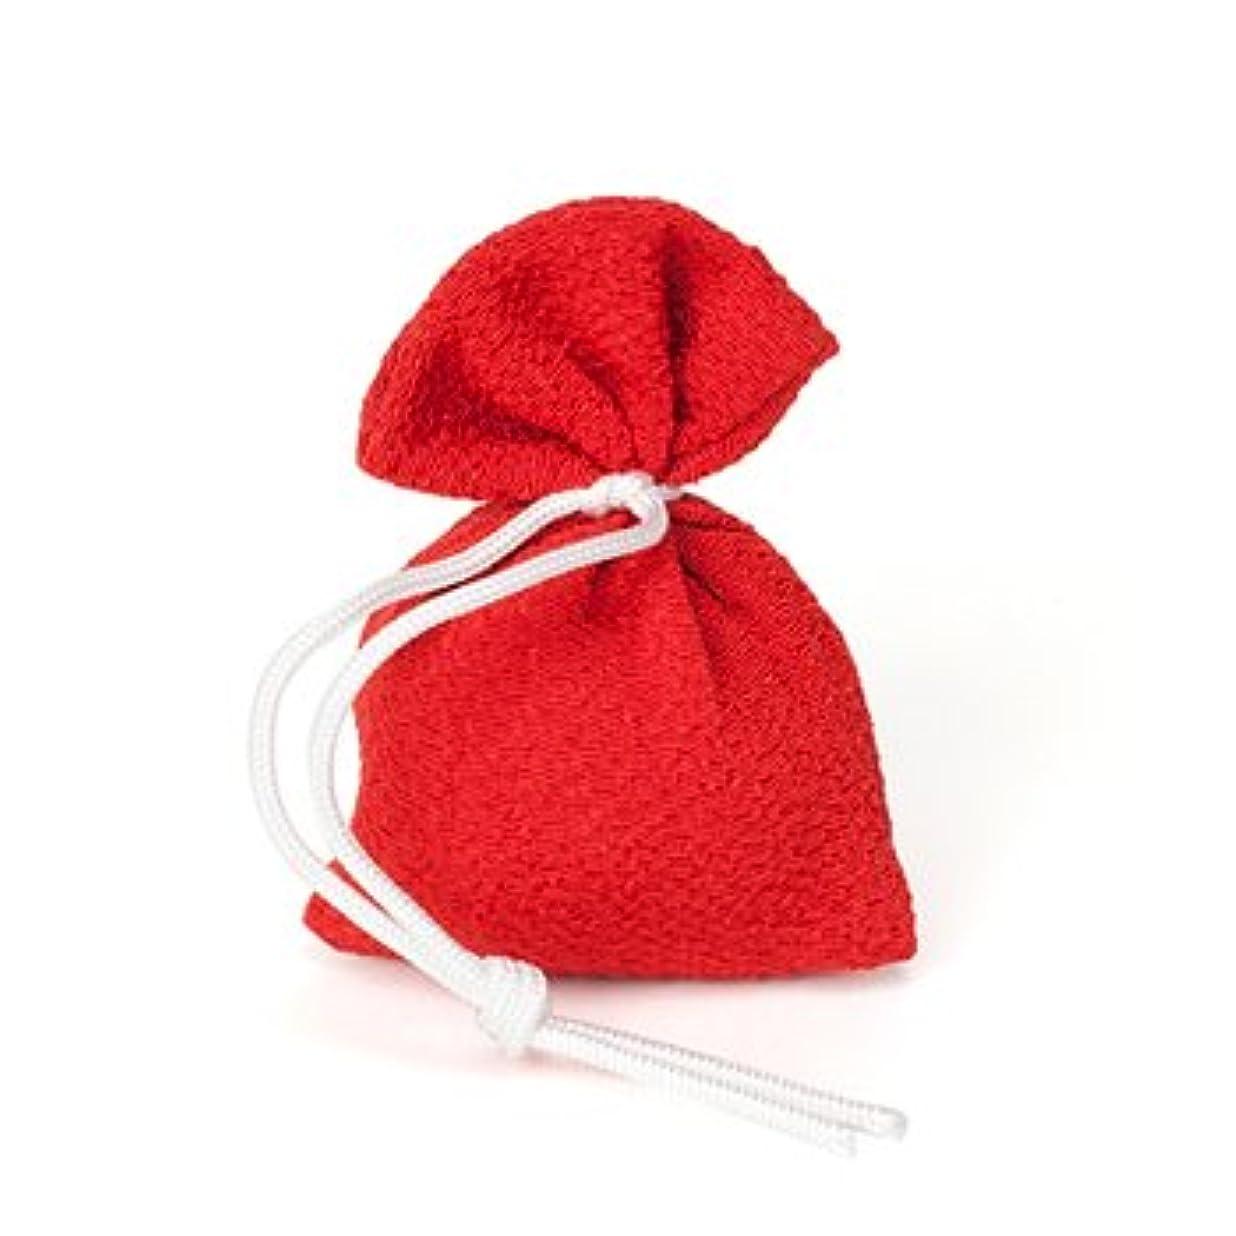 サーマル成熟した何もない松栄堂 匂い袋 誰が袖 上品(無地) 1個入 (色をお選びください) (赤)